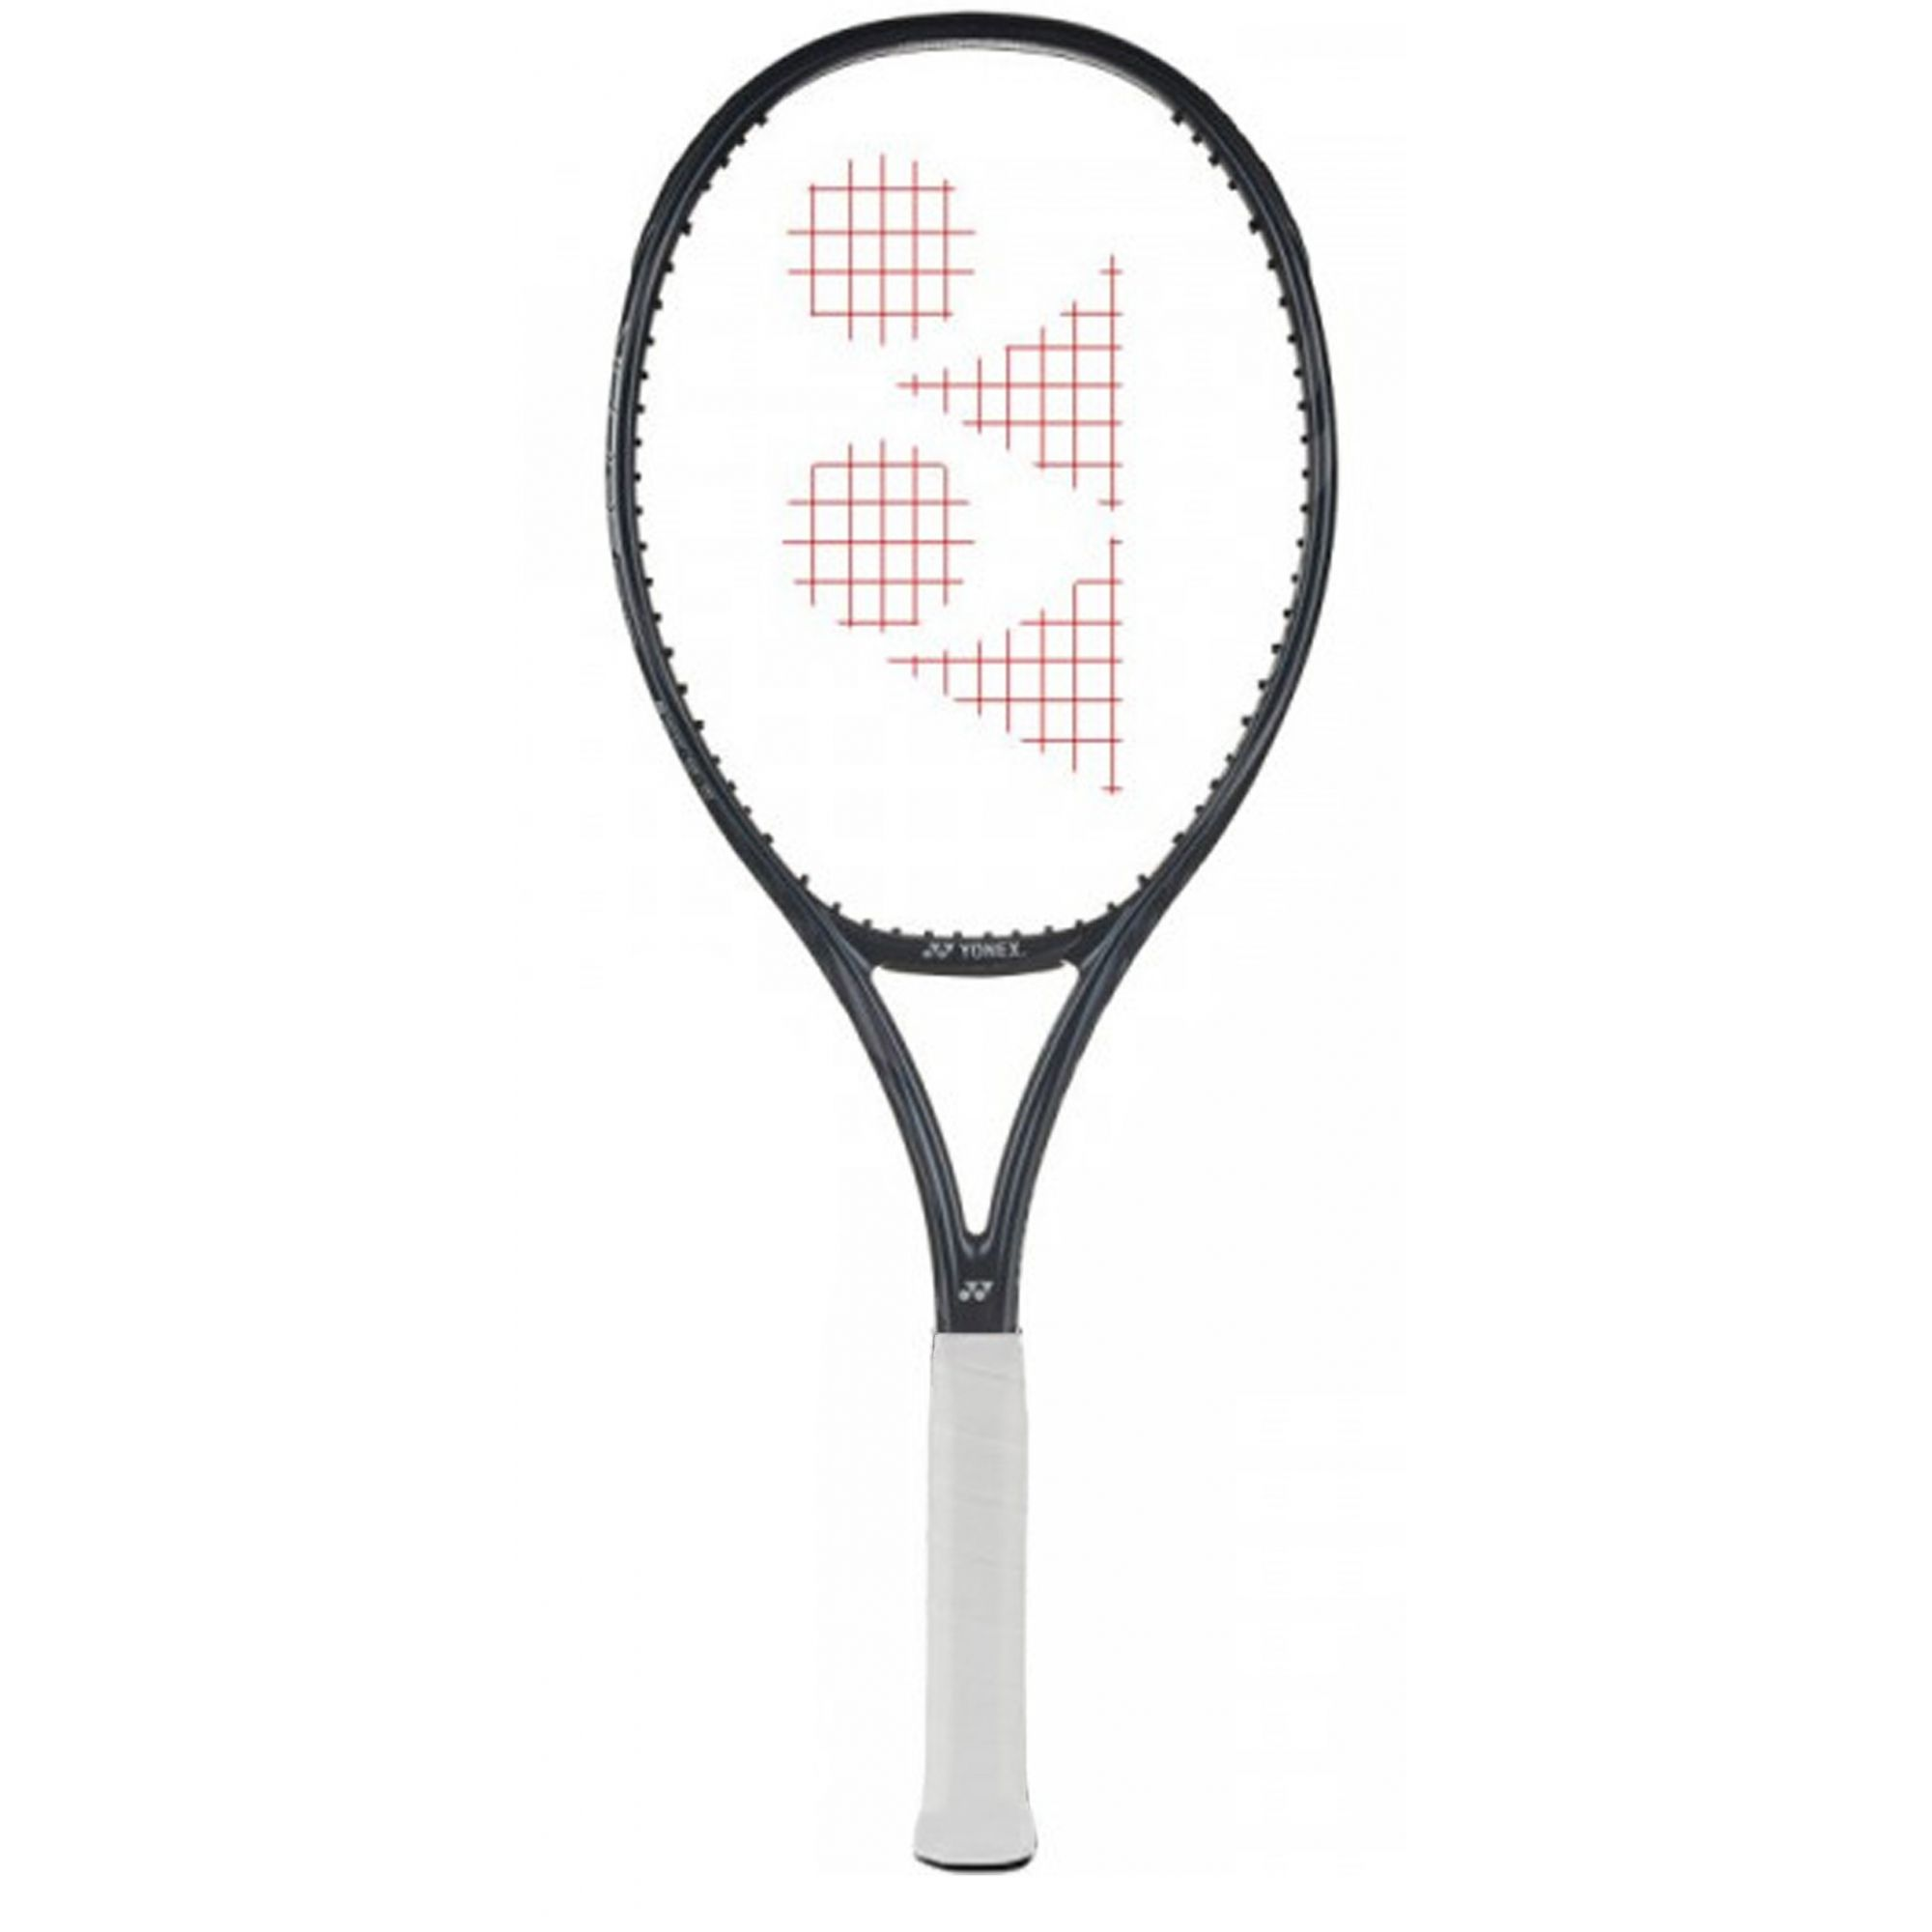 Raquete de Tênis Yonex Vcore 100 Galaxy Black - 300g